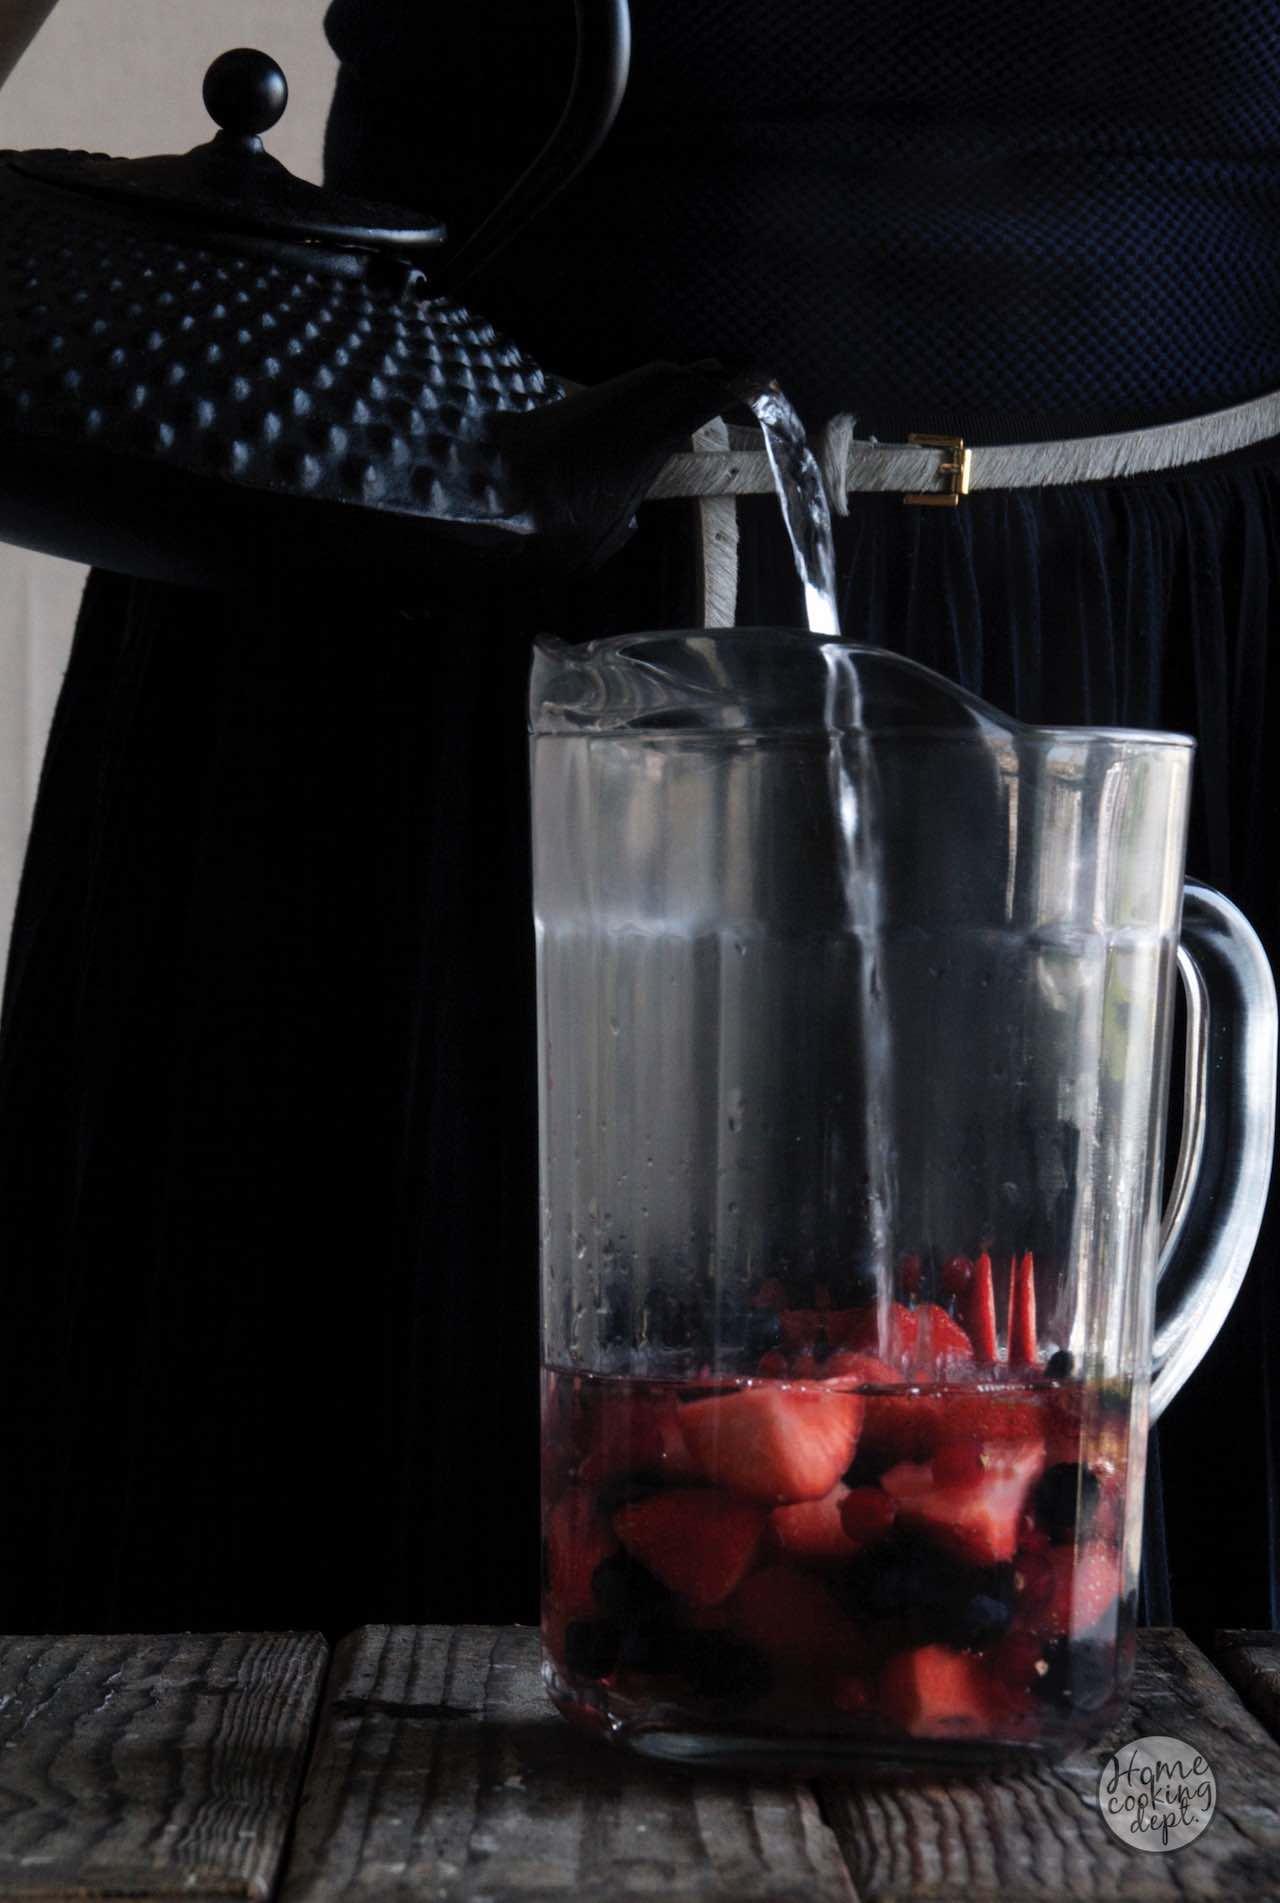 zelf limonade maken / Homecooking dept